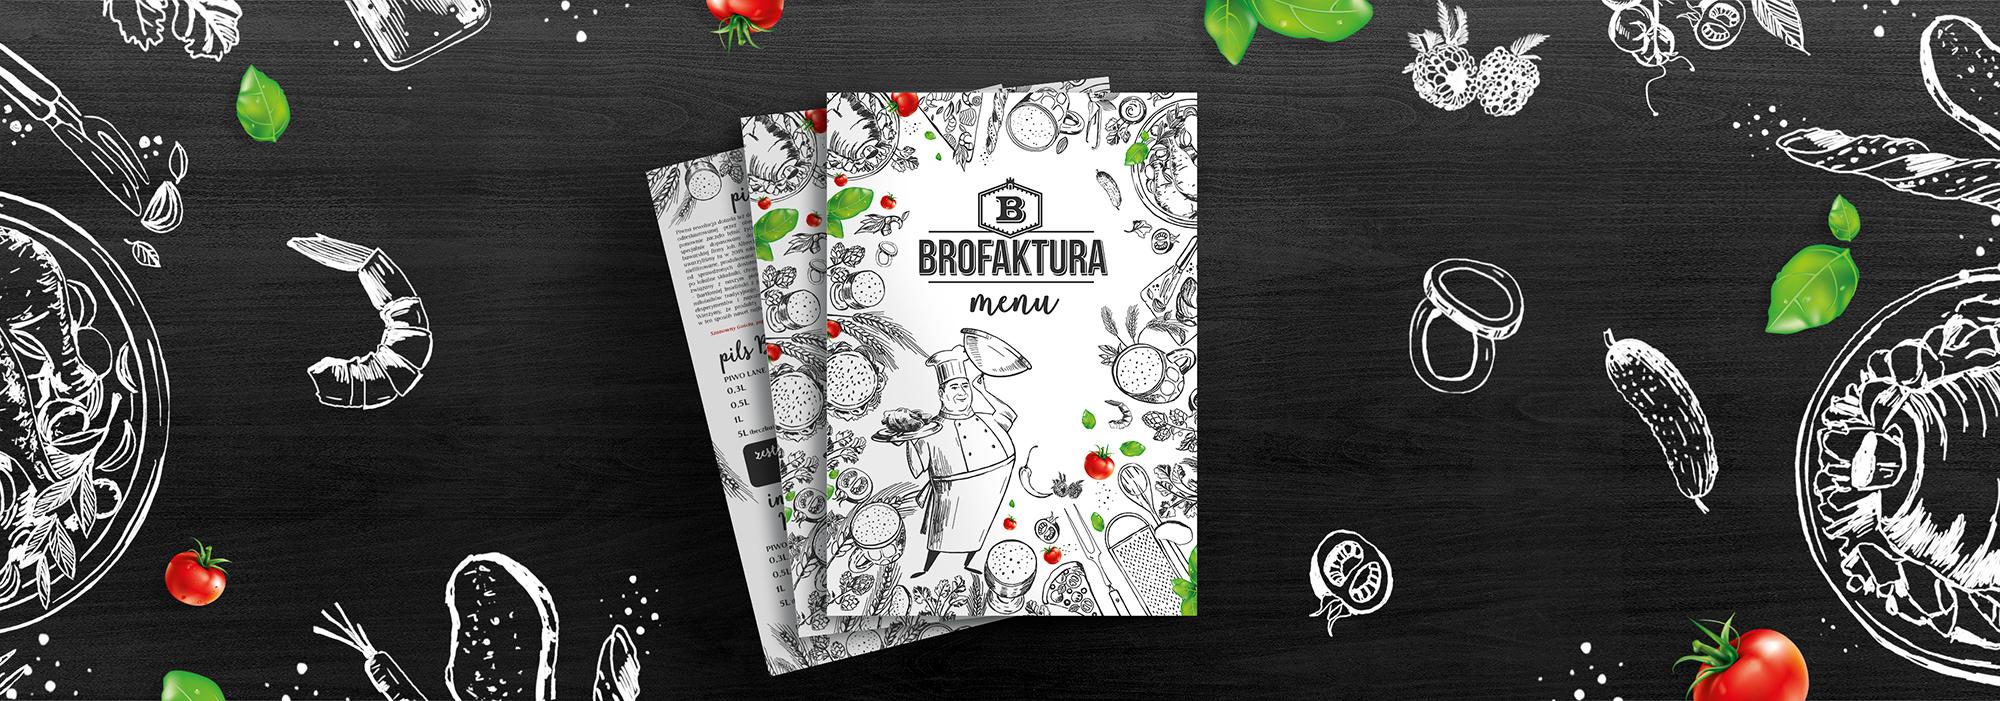 Brofaktura - Siedlecki Browar Restauracyjny